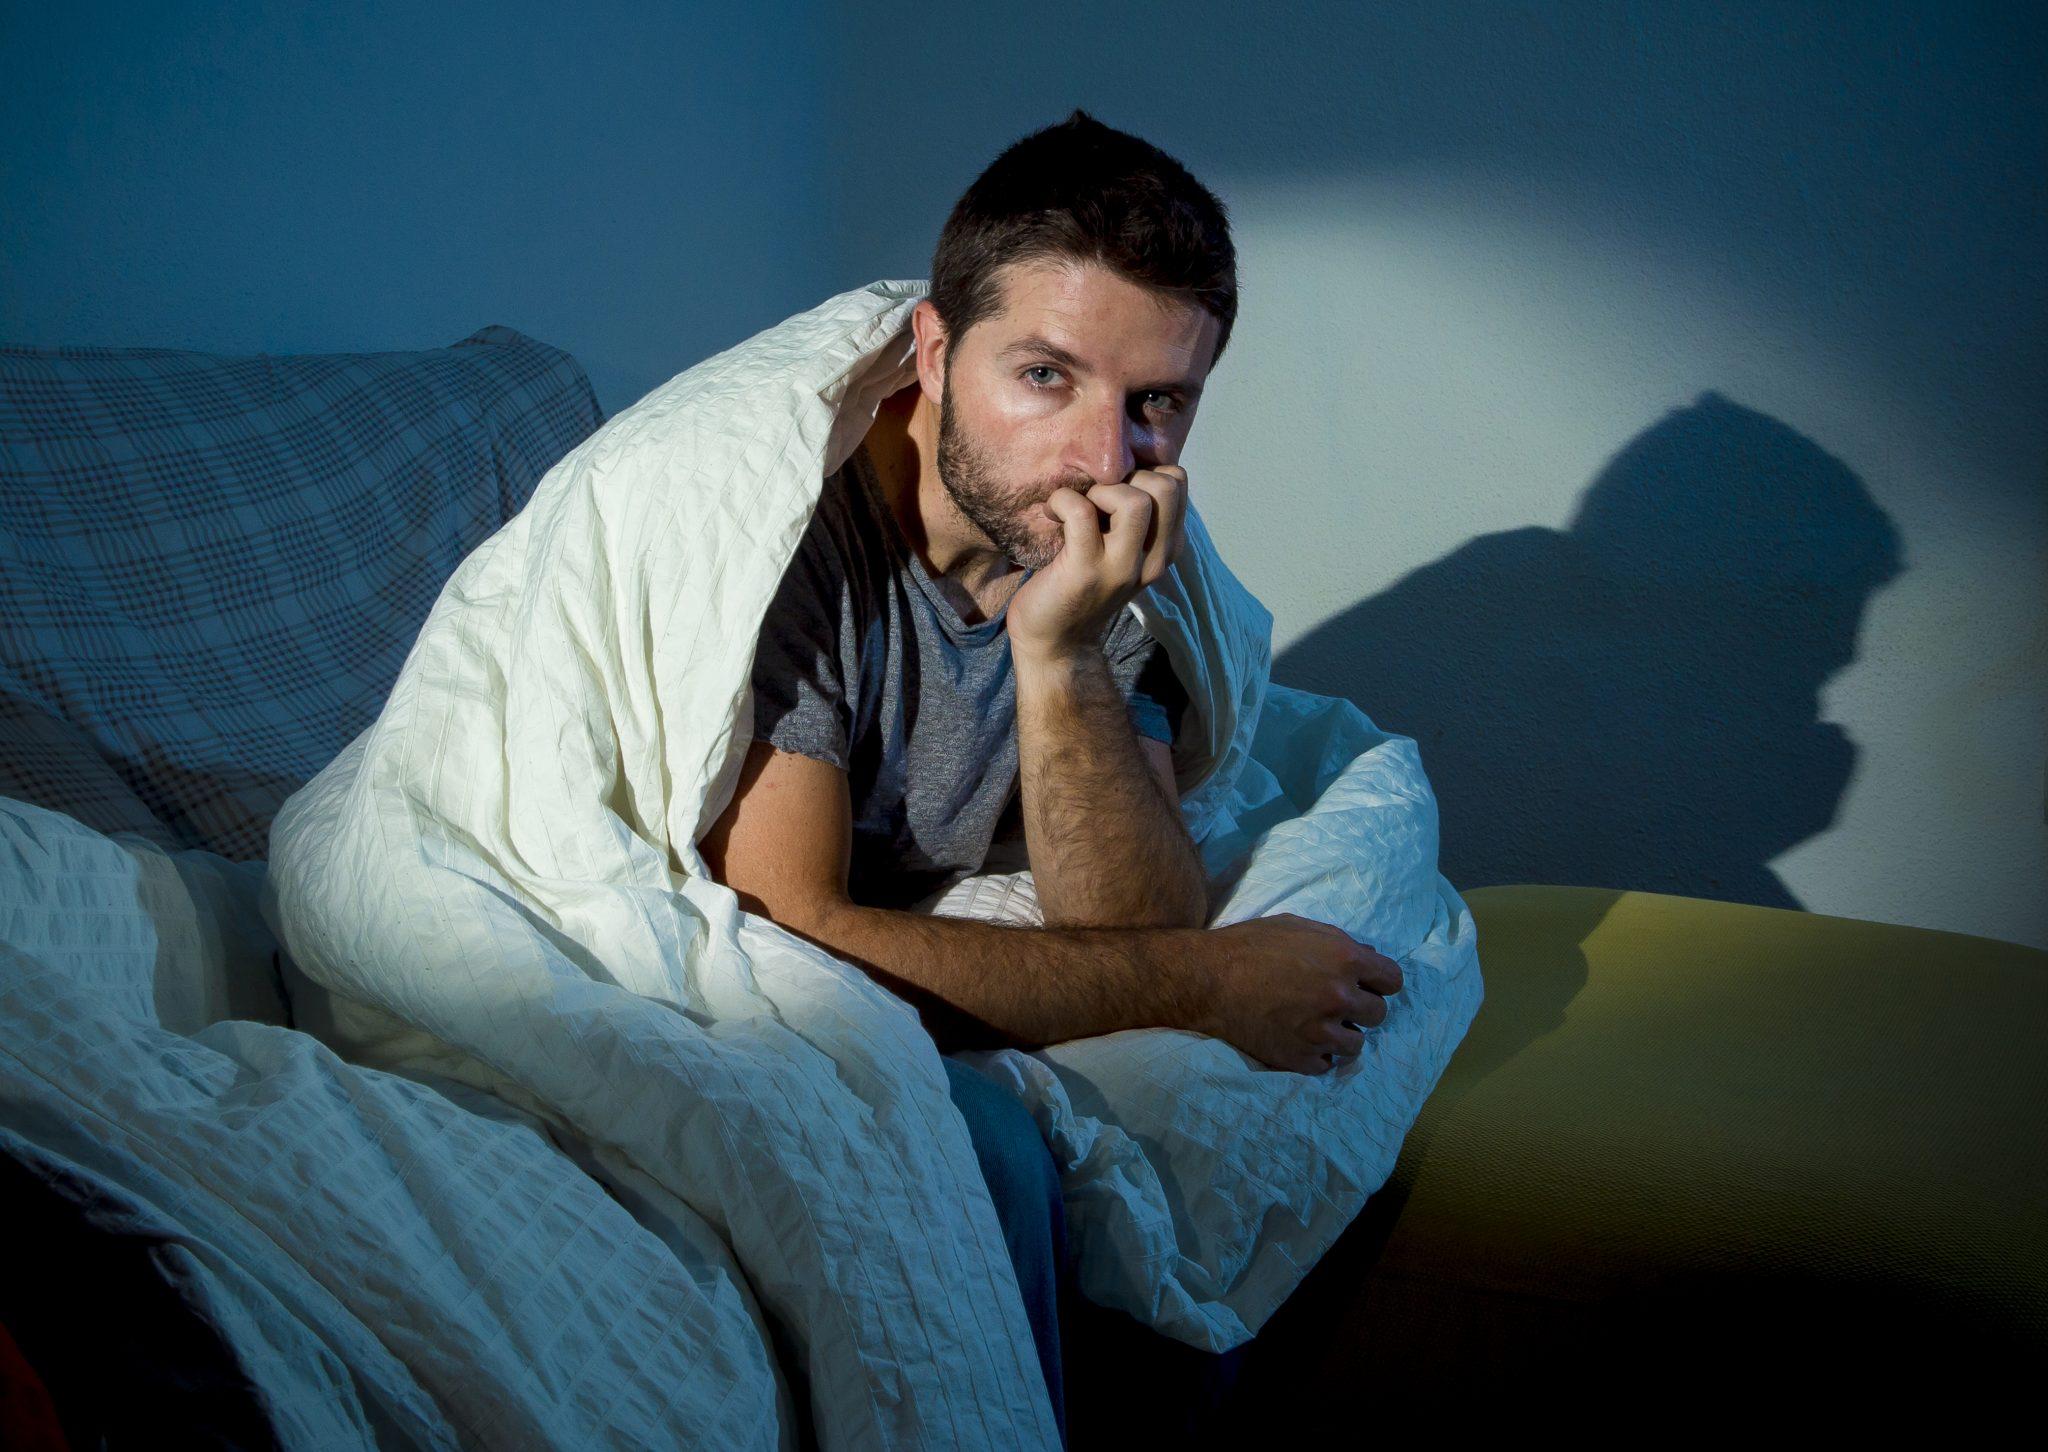 Средства от бессонницы и стресса. депрессия и бессонница: в чем связь и как бороться